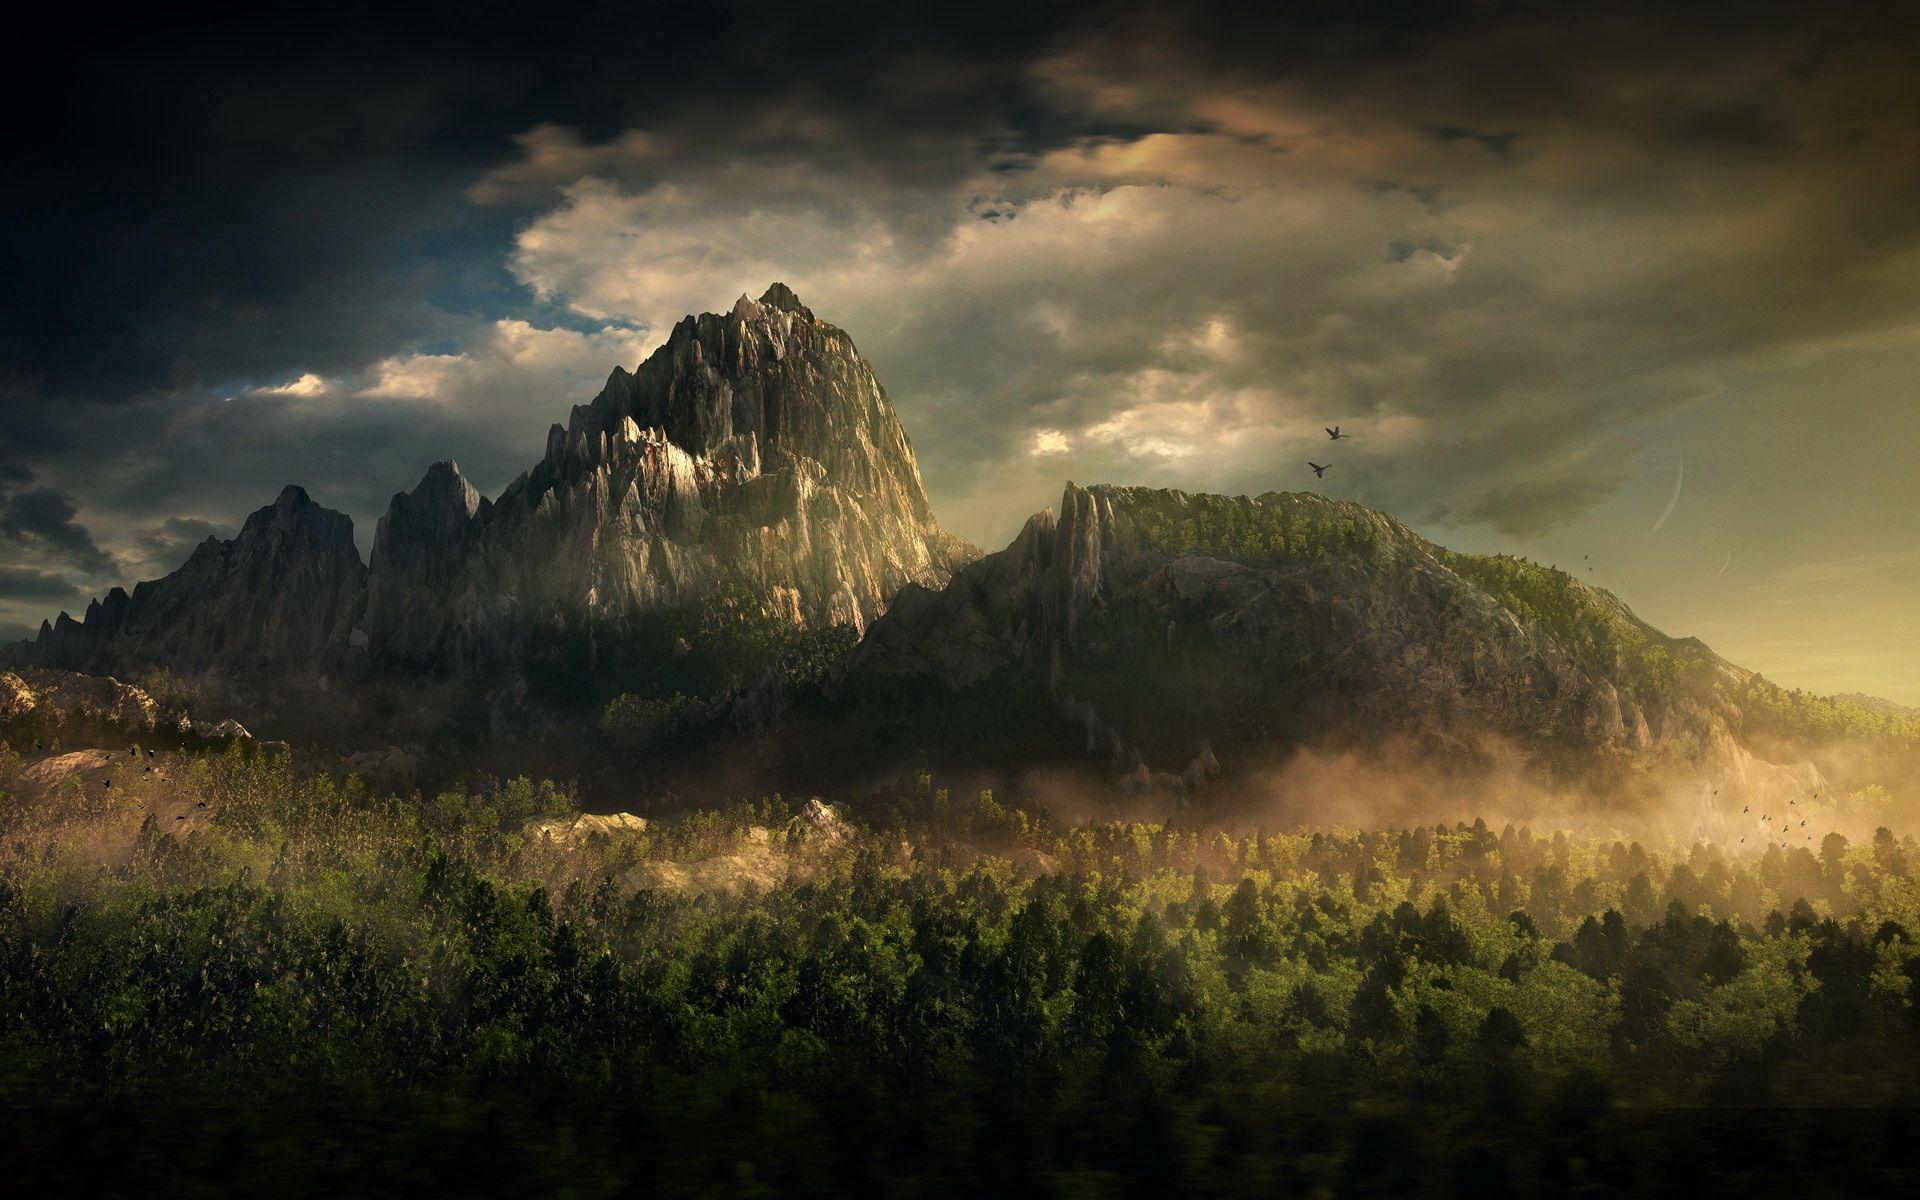 71871 Hintergrundbild herunterladen Natur, Vögel, Bäume, Mountains, Clouds, Nebel, Oberteile, Scheitelpunkt - Bildschirmschoner und Bilder kostenlos